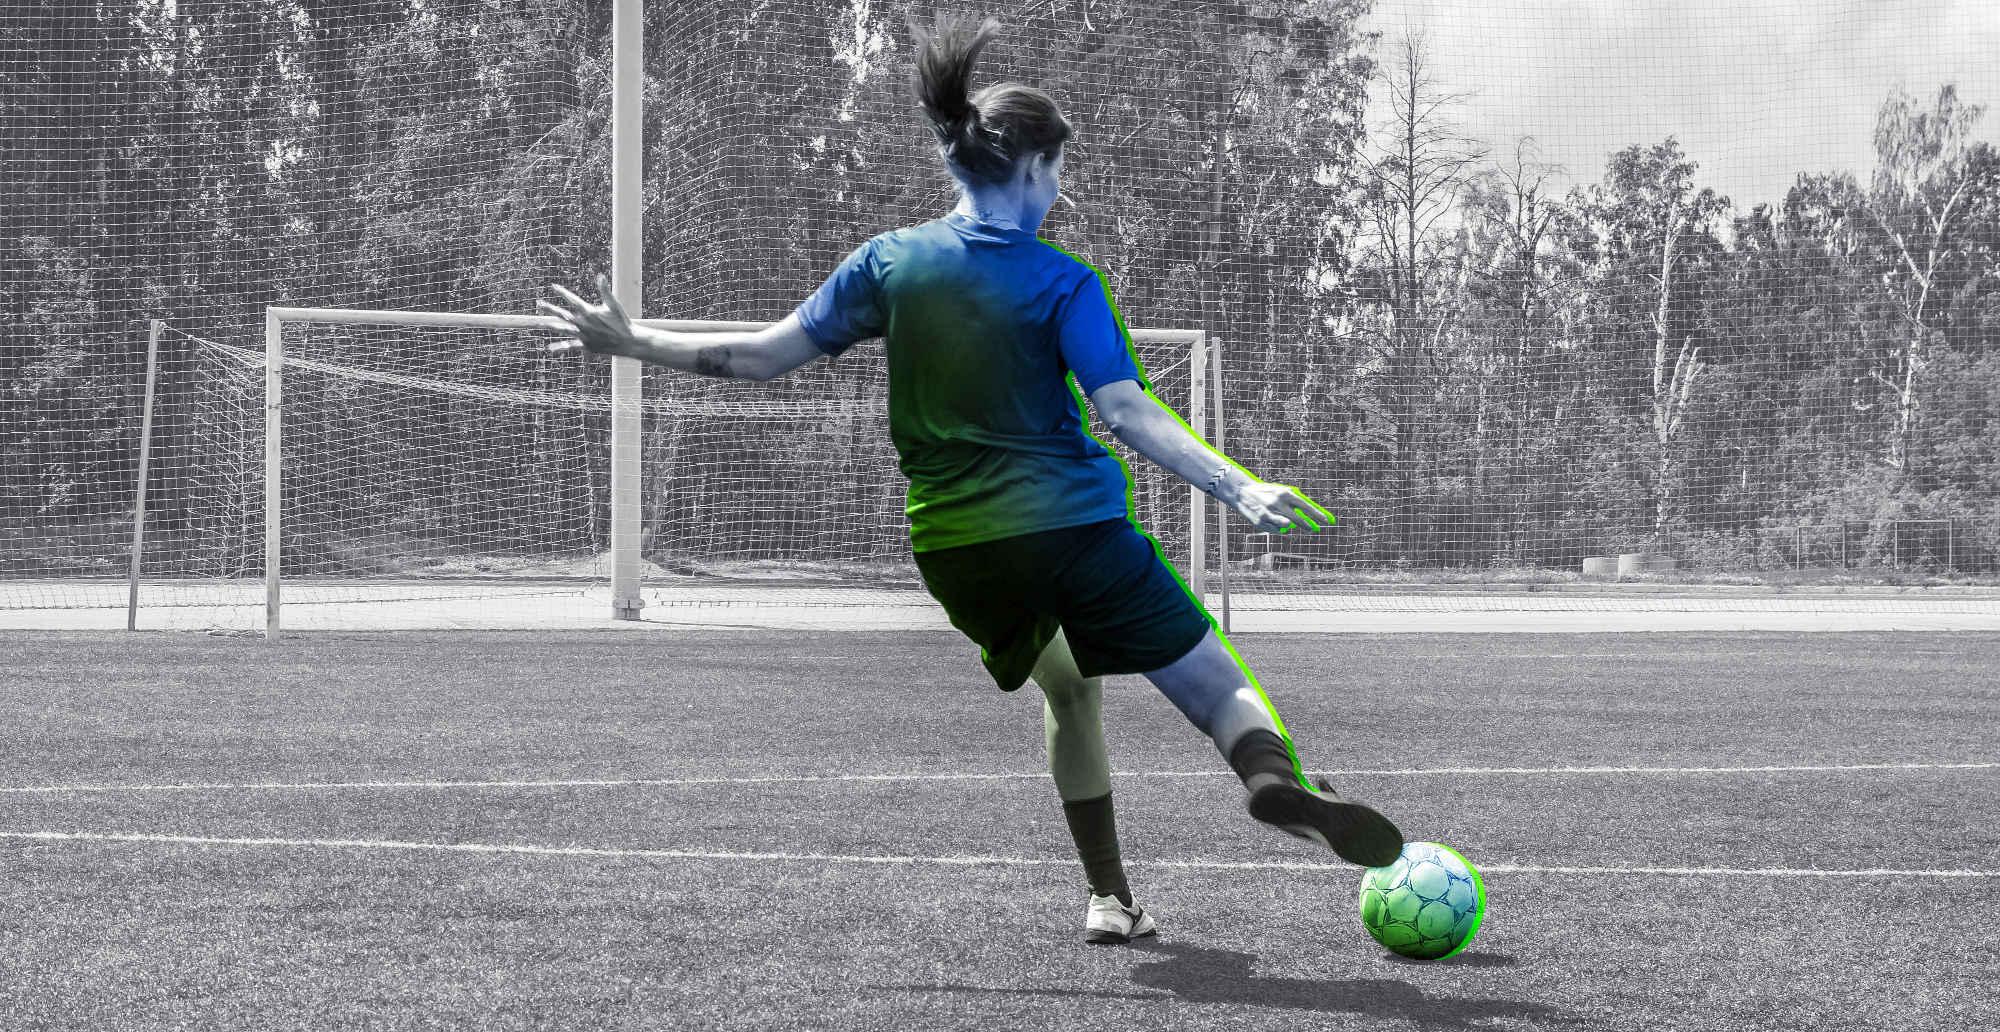 retour de convalescence et football, foot, foot ball